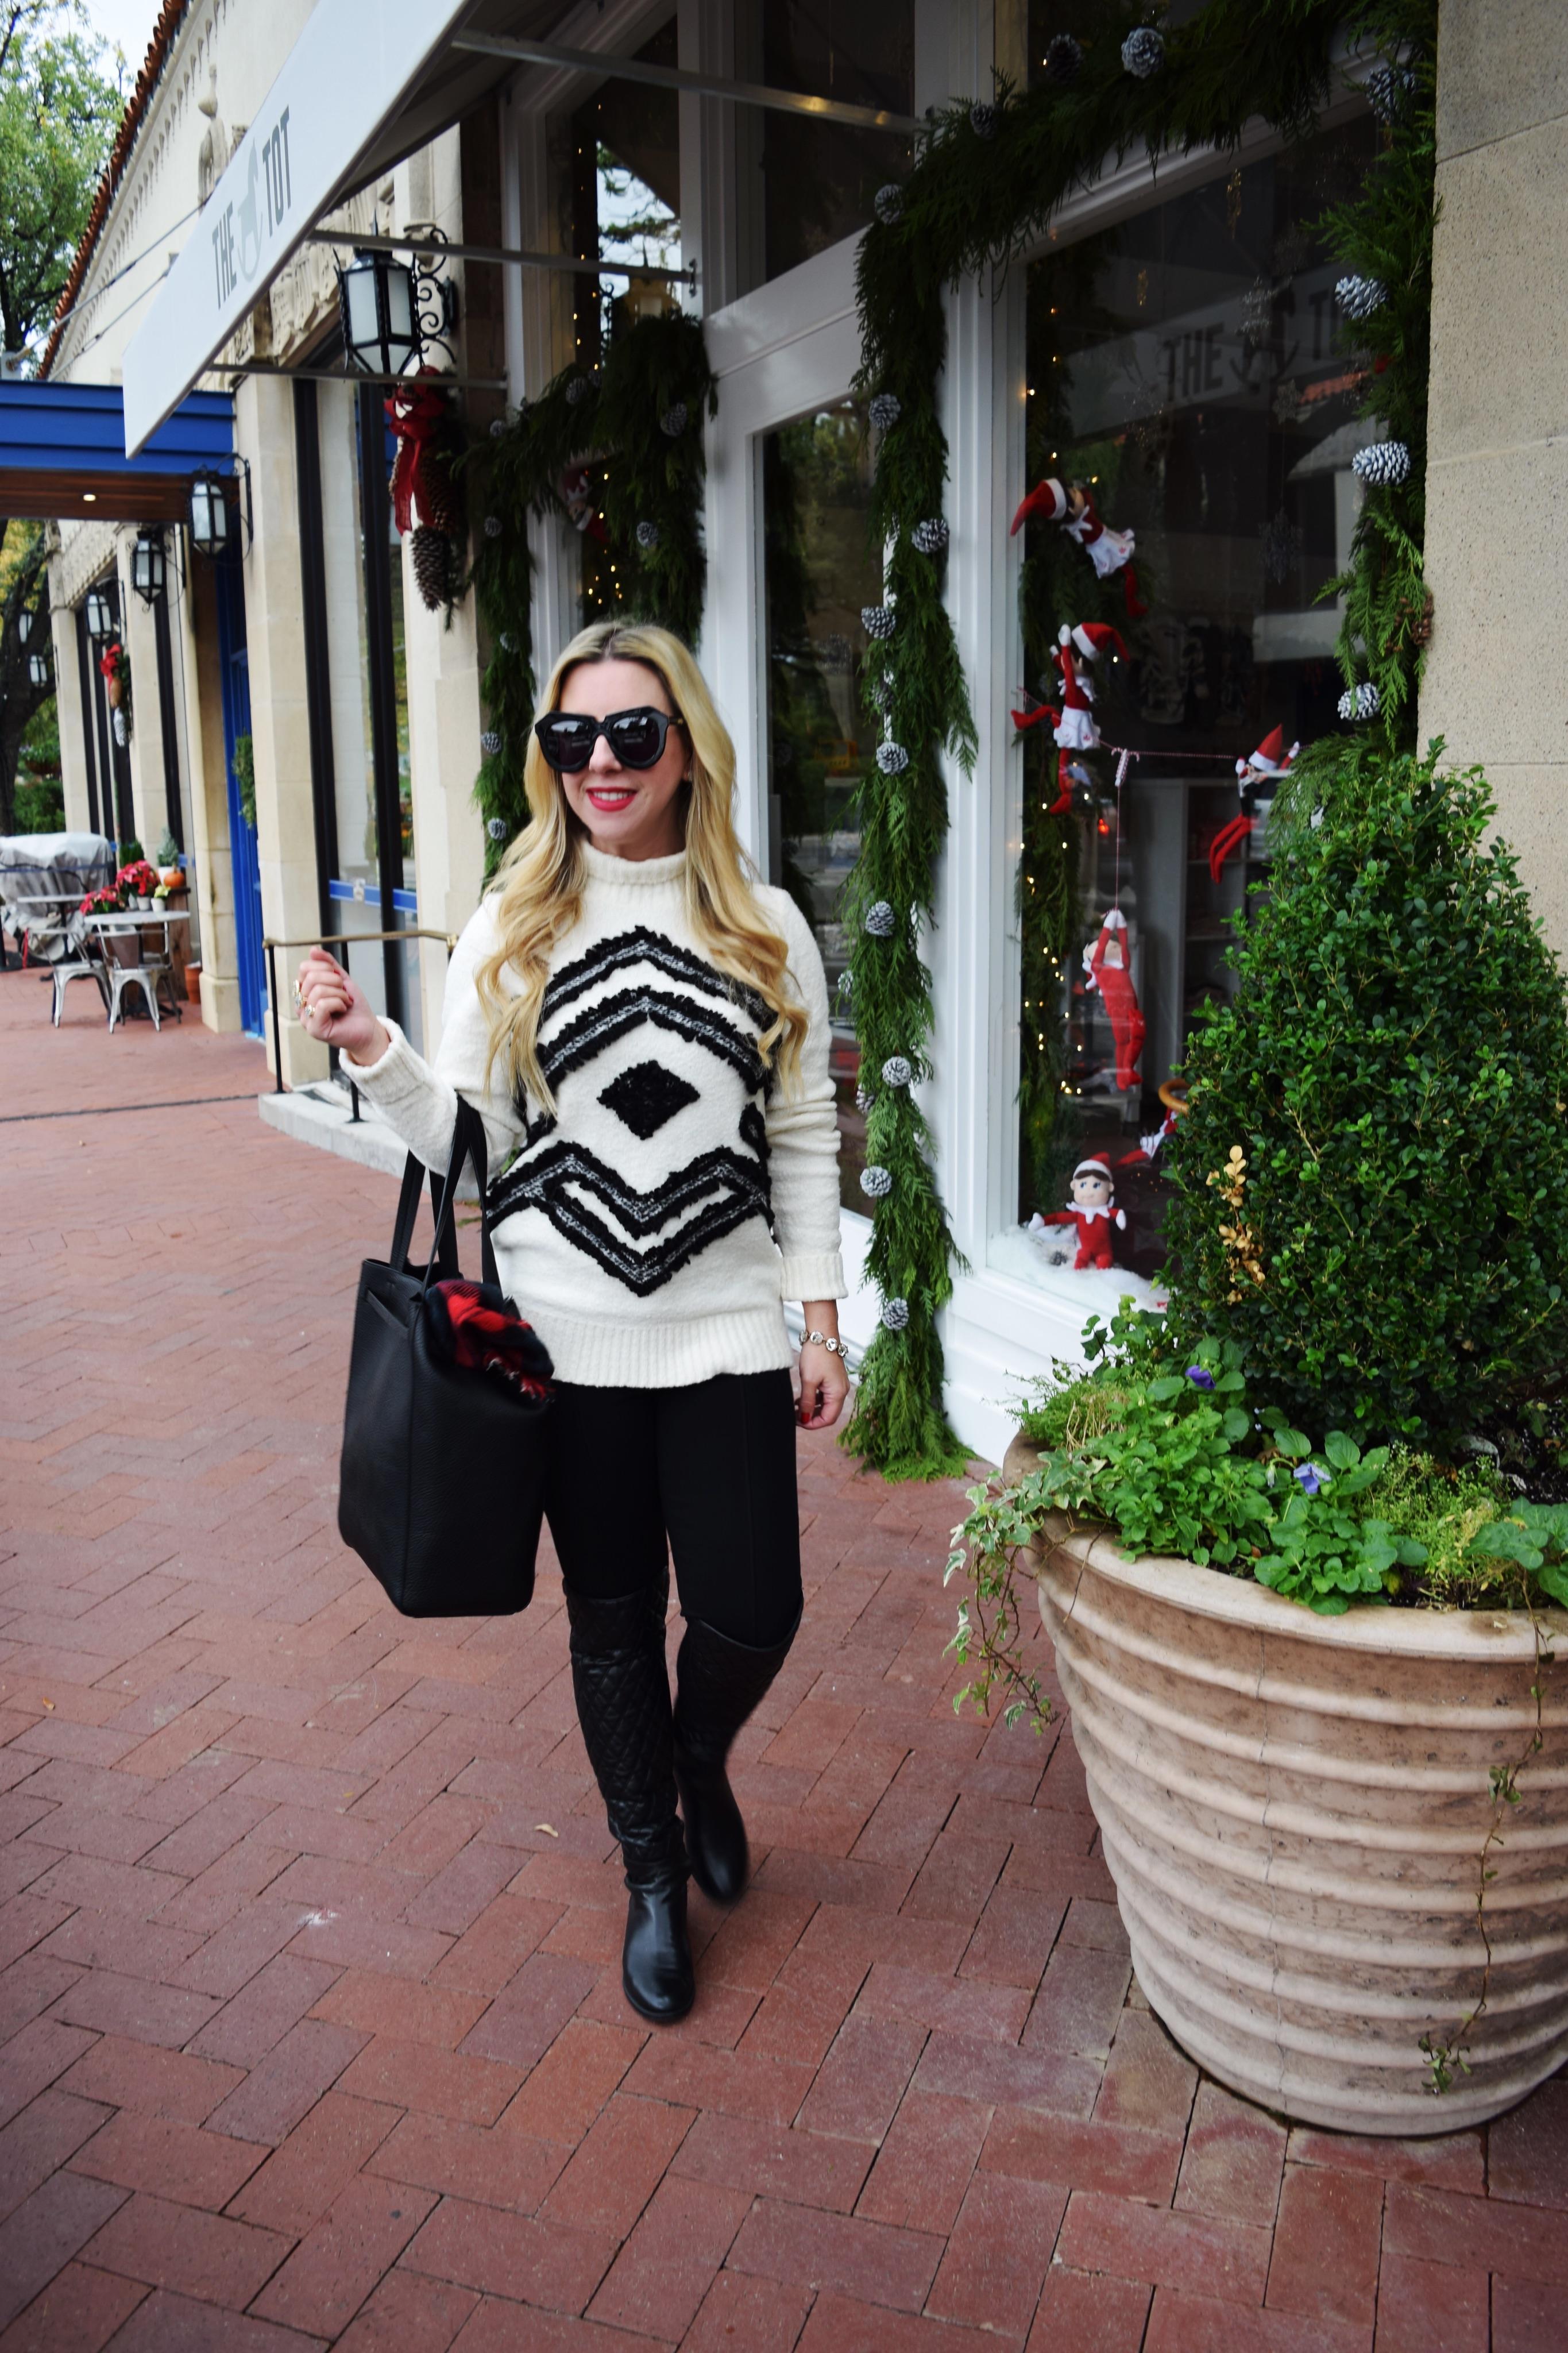 Snowflake Sweater | The Darling Petite Diva